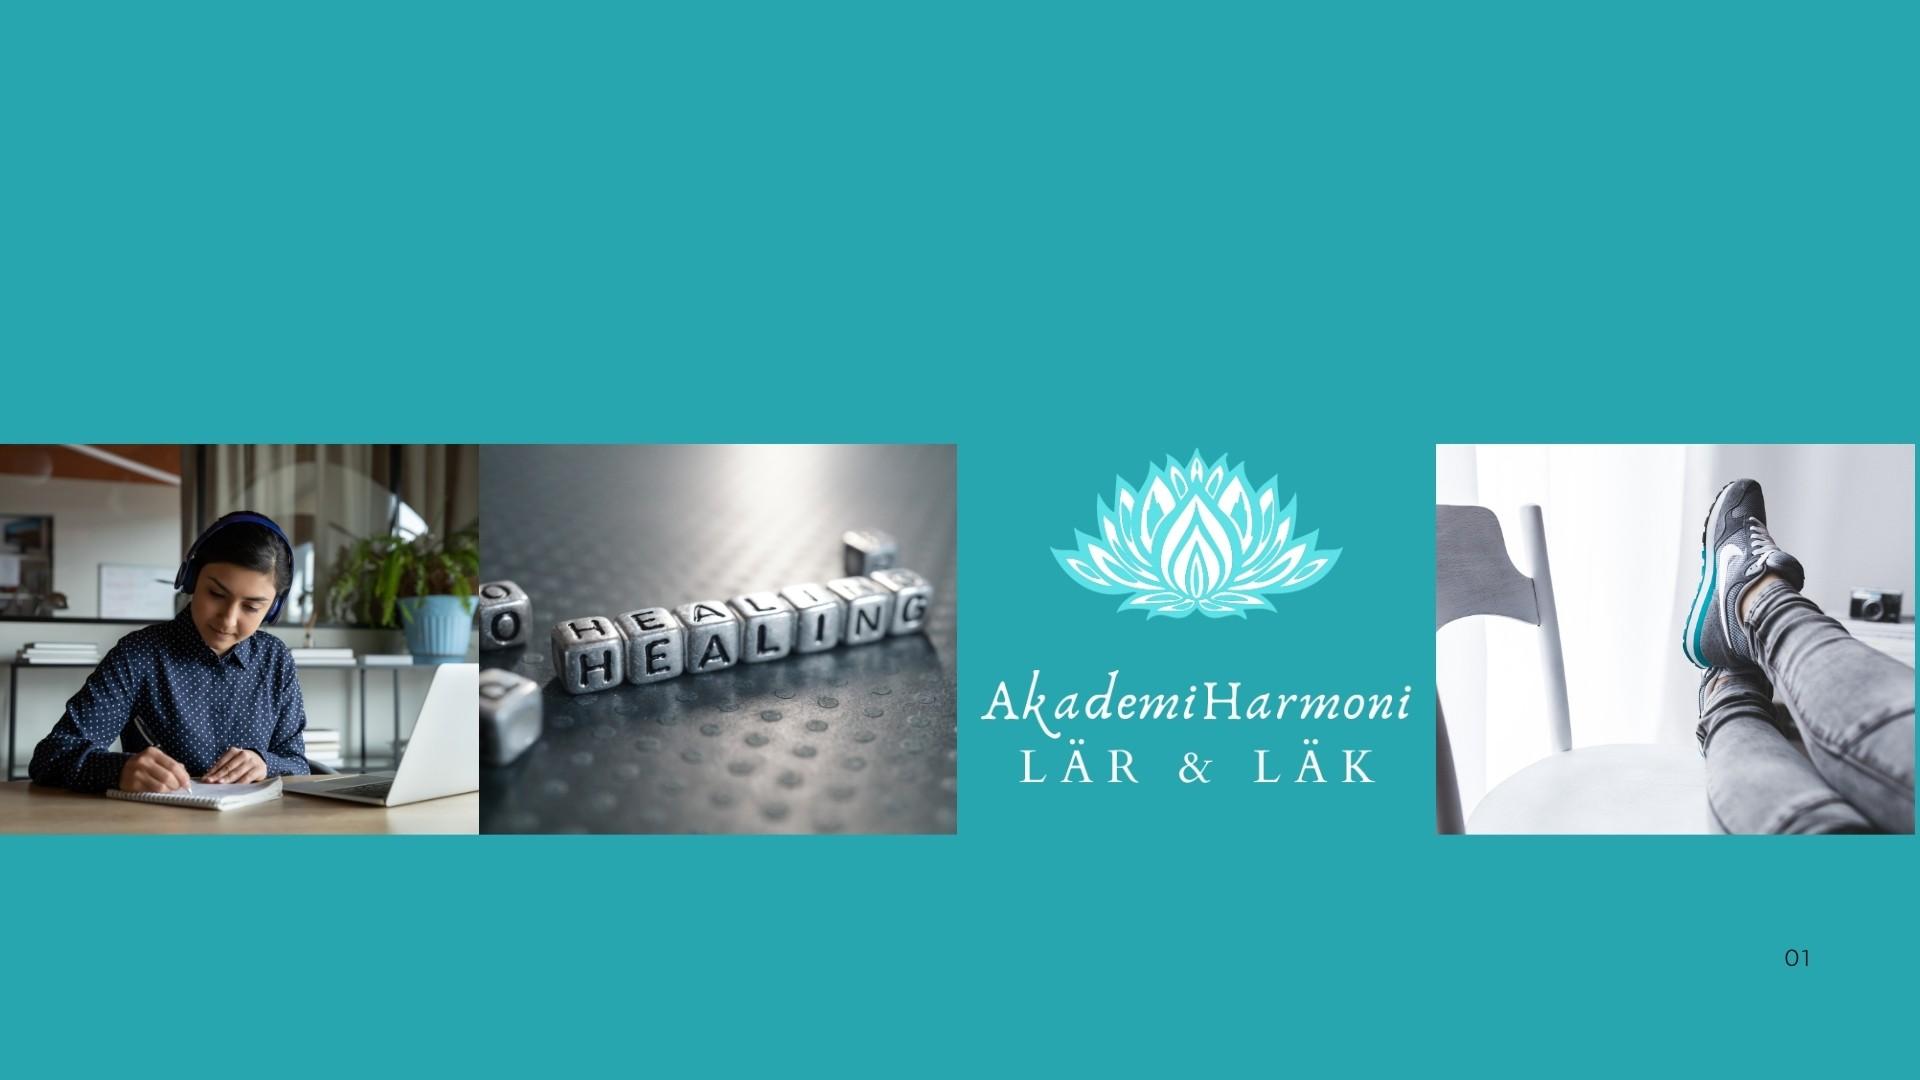 homepage hemsida logotyp logotype